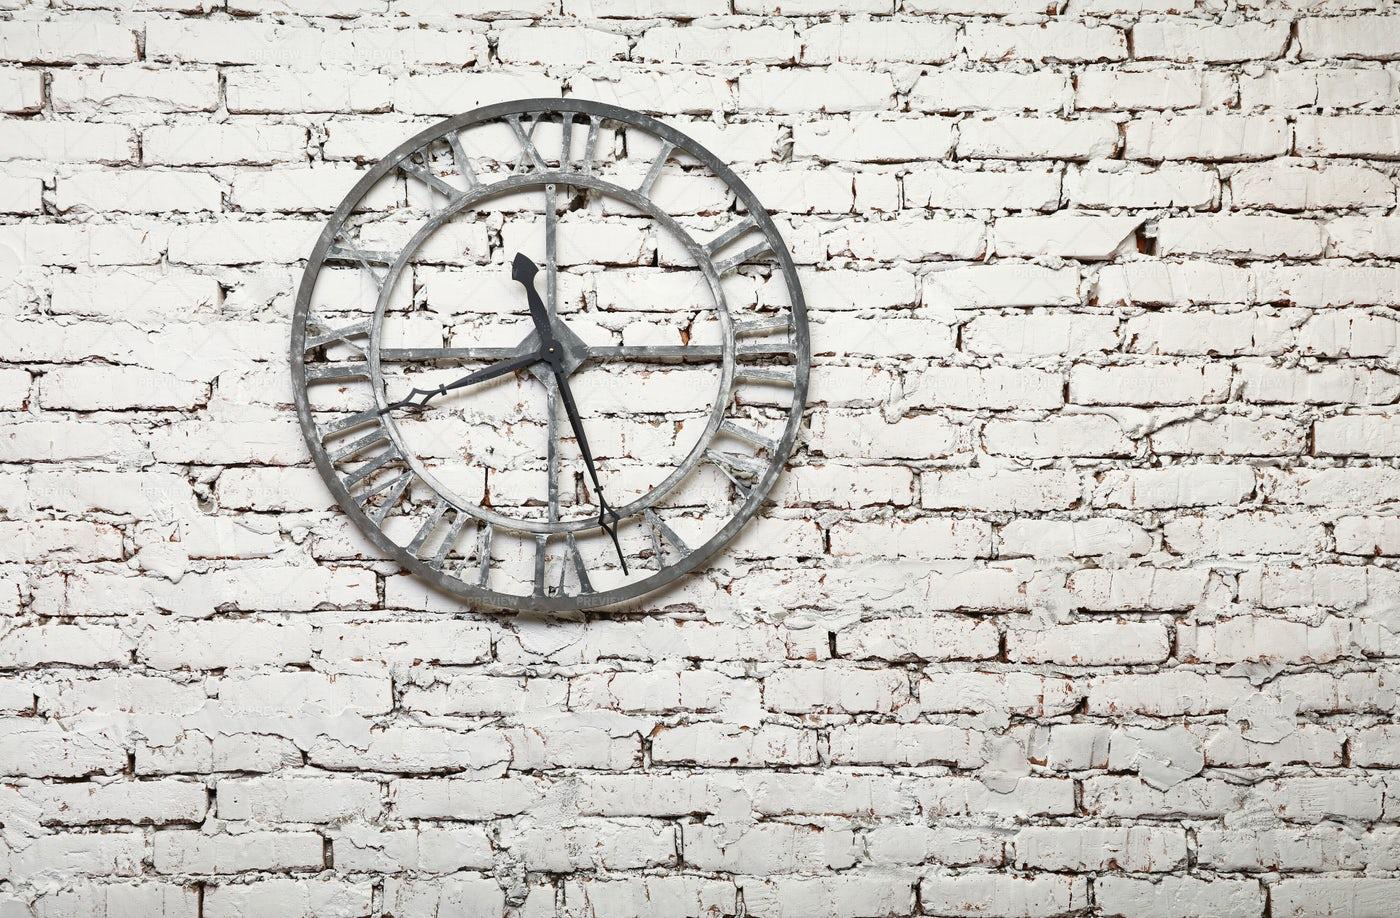 Metal Clock On Wall: Stock Photos